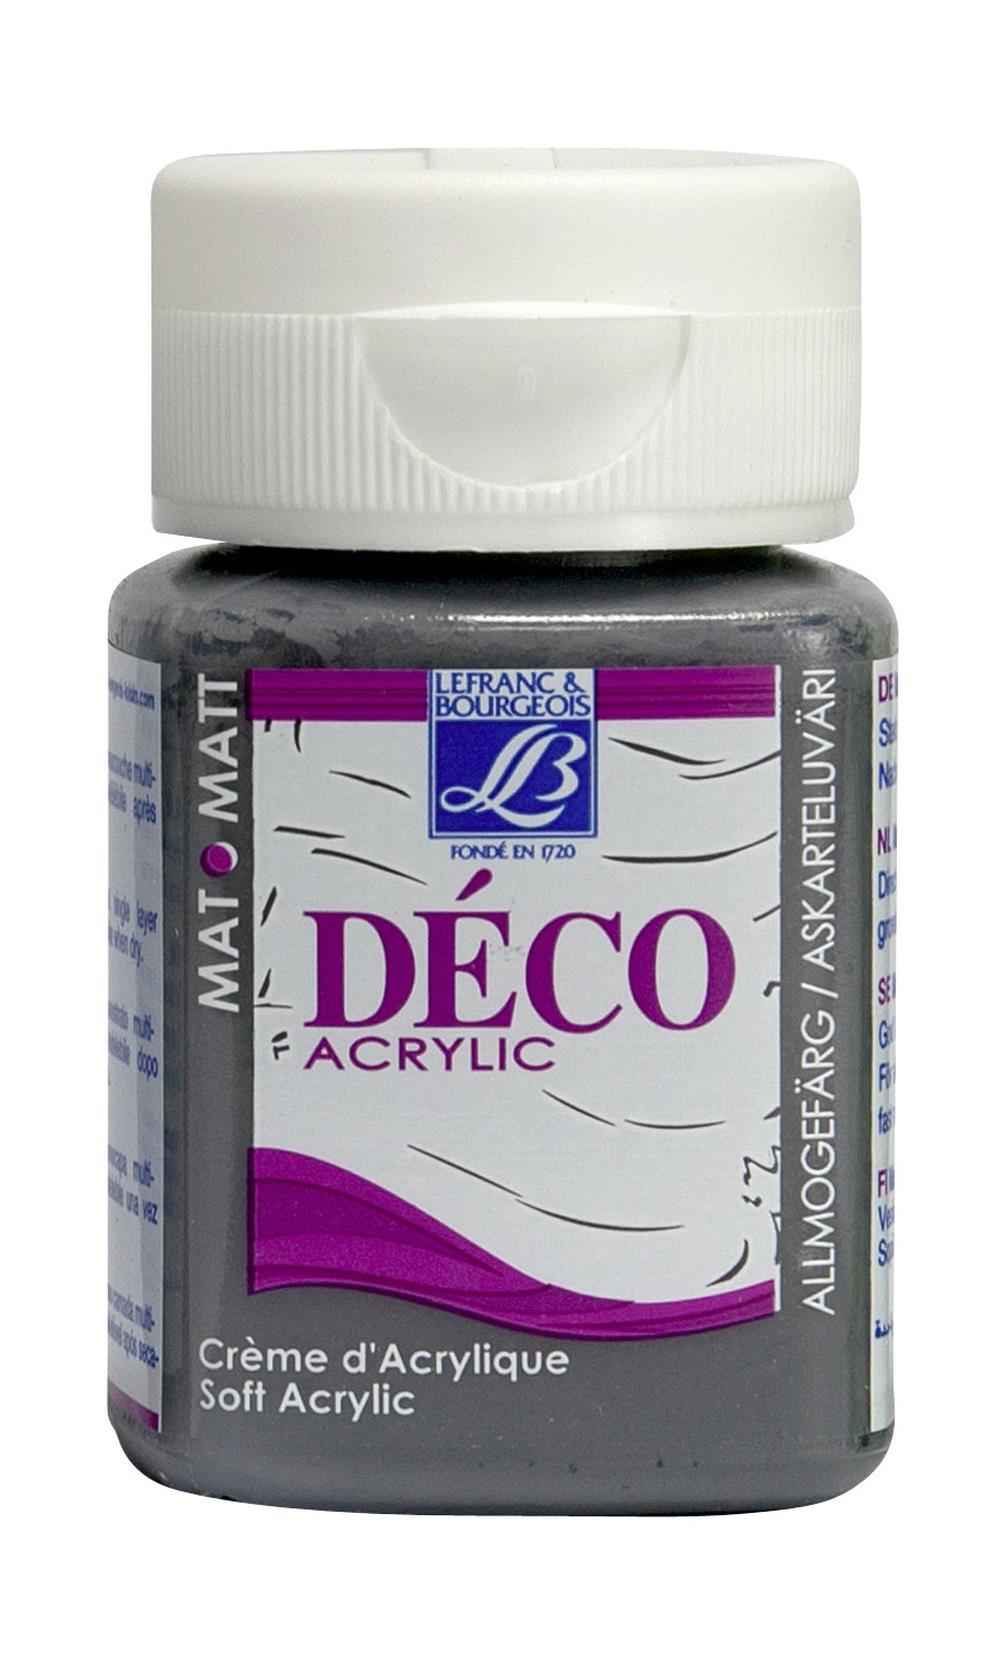 Hobbyfärg L&B Deco Matt Akryl 50ml Flannel grey warm 876 (4F) Utgår